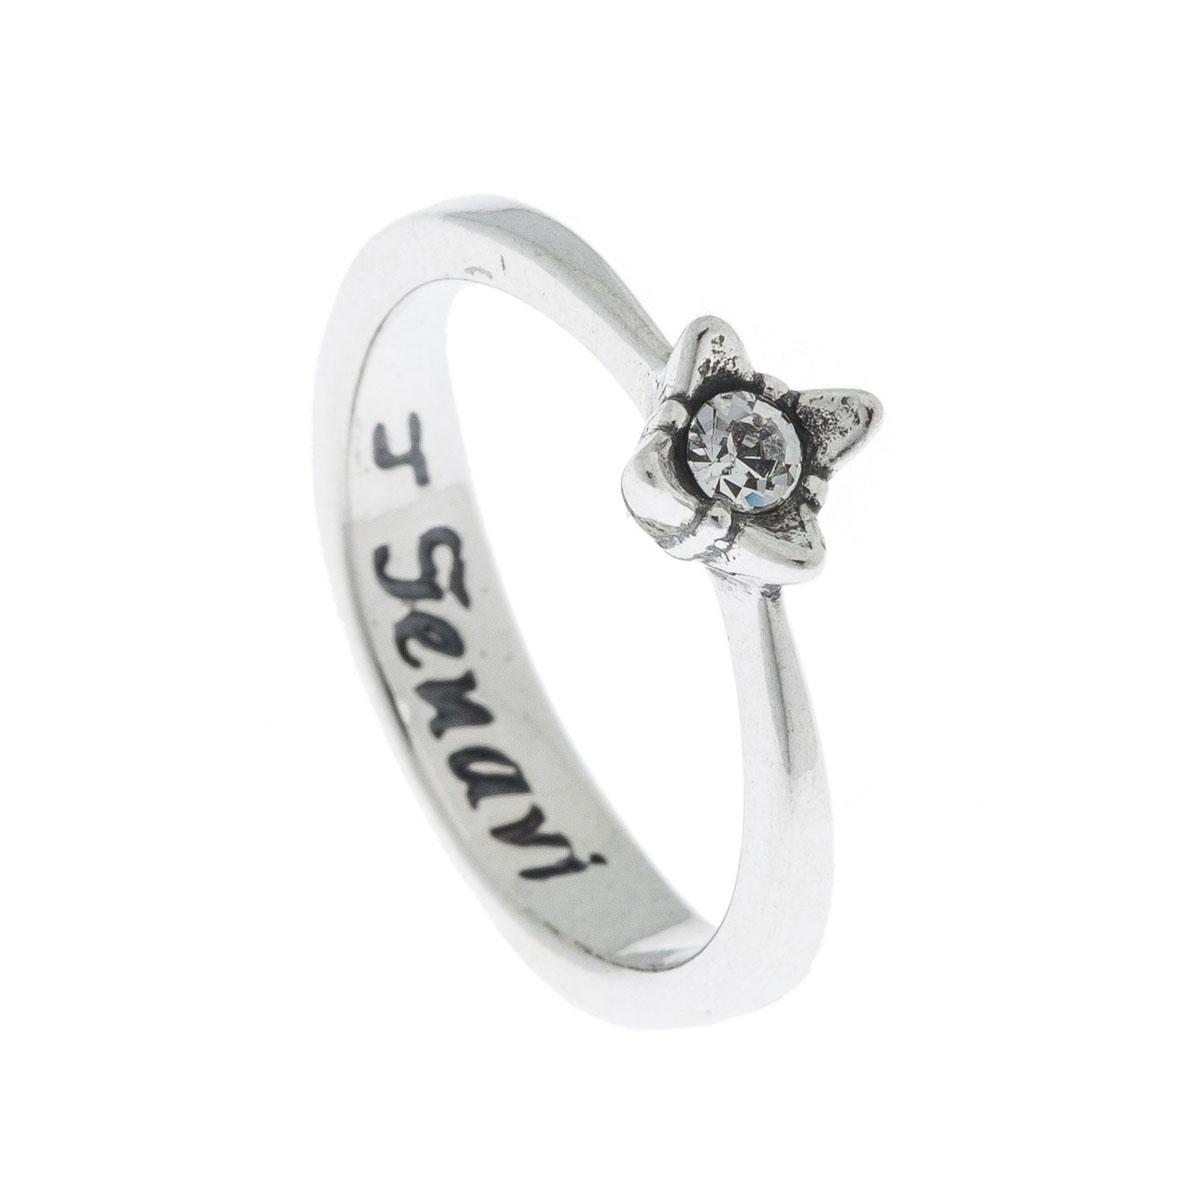 Кольцо Jenavi Эси, цвет: серебро, белый. k4993000. Размер 1739874|Коктейльное кольцоКоллекция Э, Эси (Кольцо) гипоаллергенный ювелирный сплав,Черненое серебро, вставка Кристаллы Swarovski